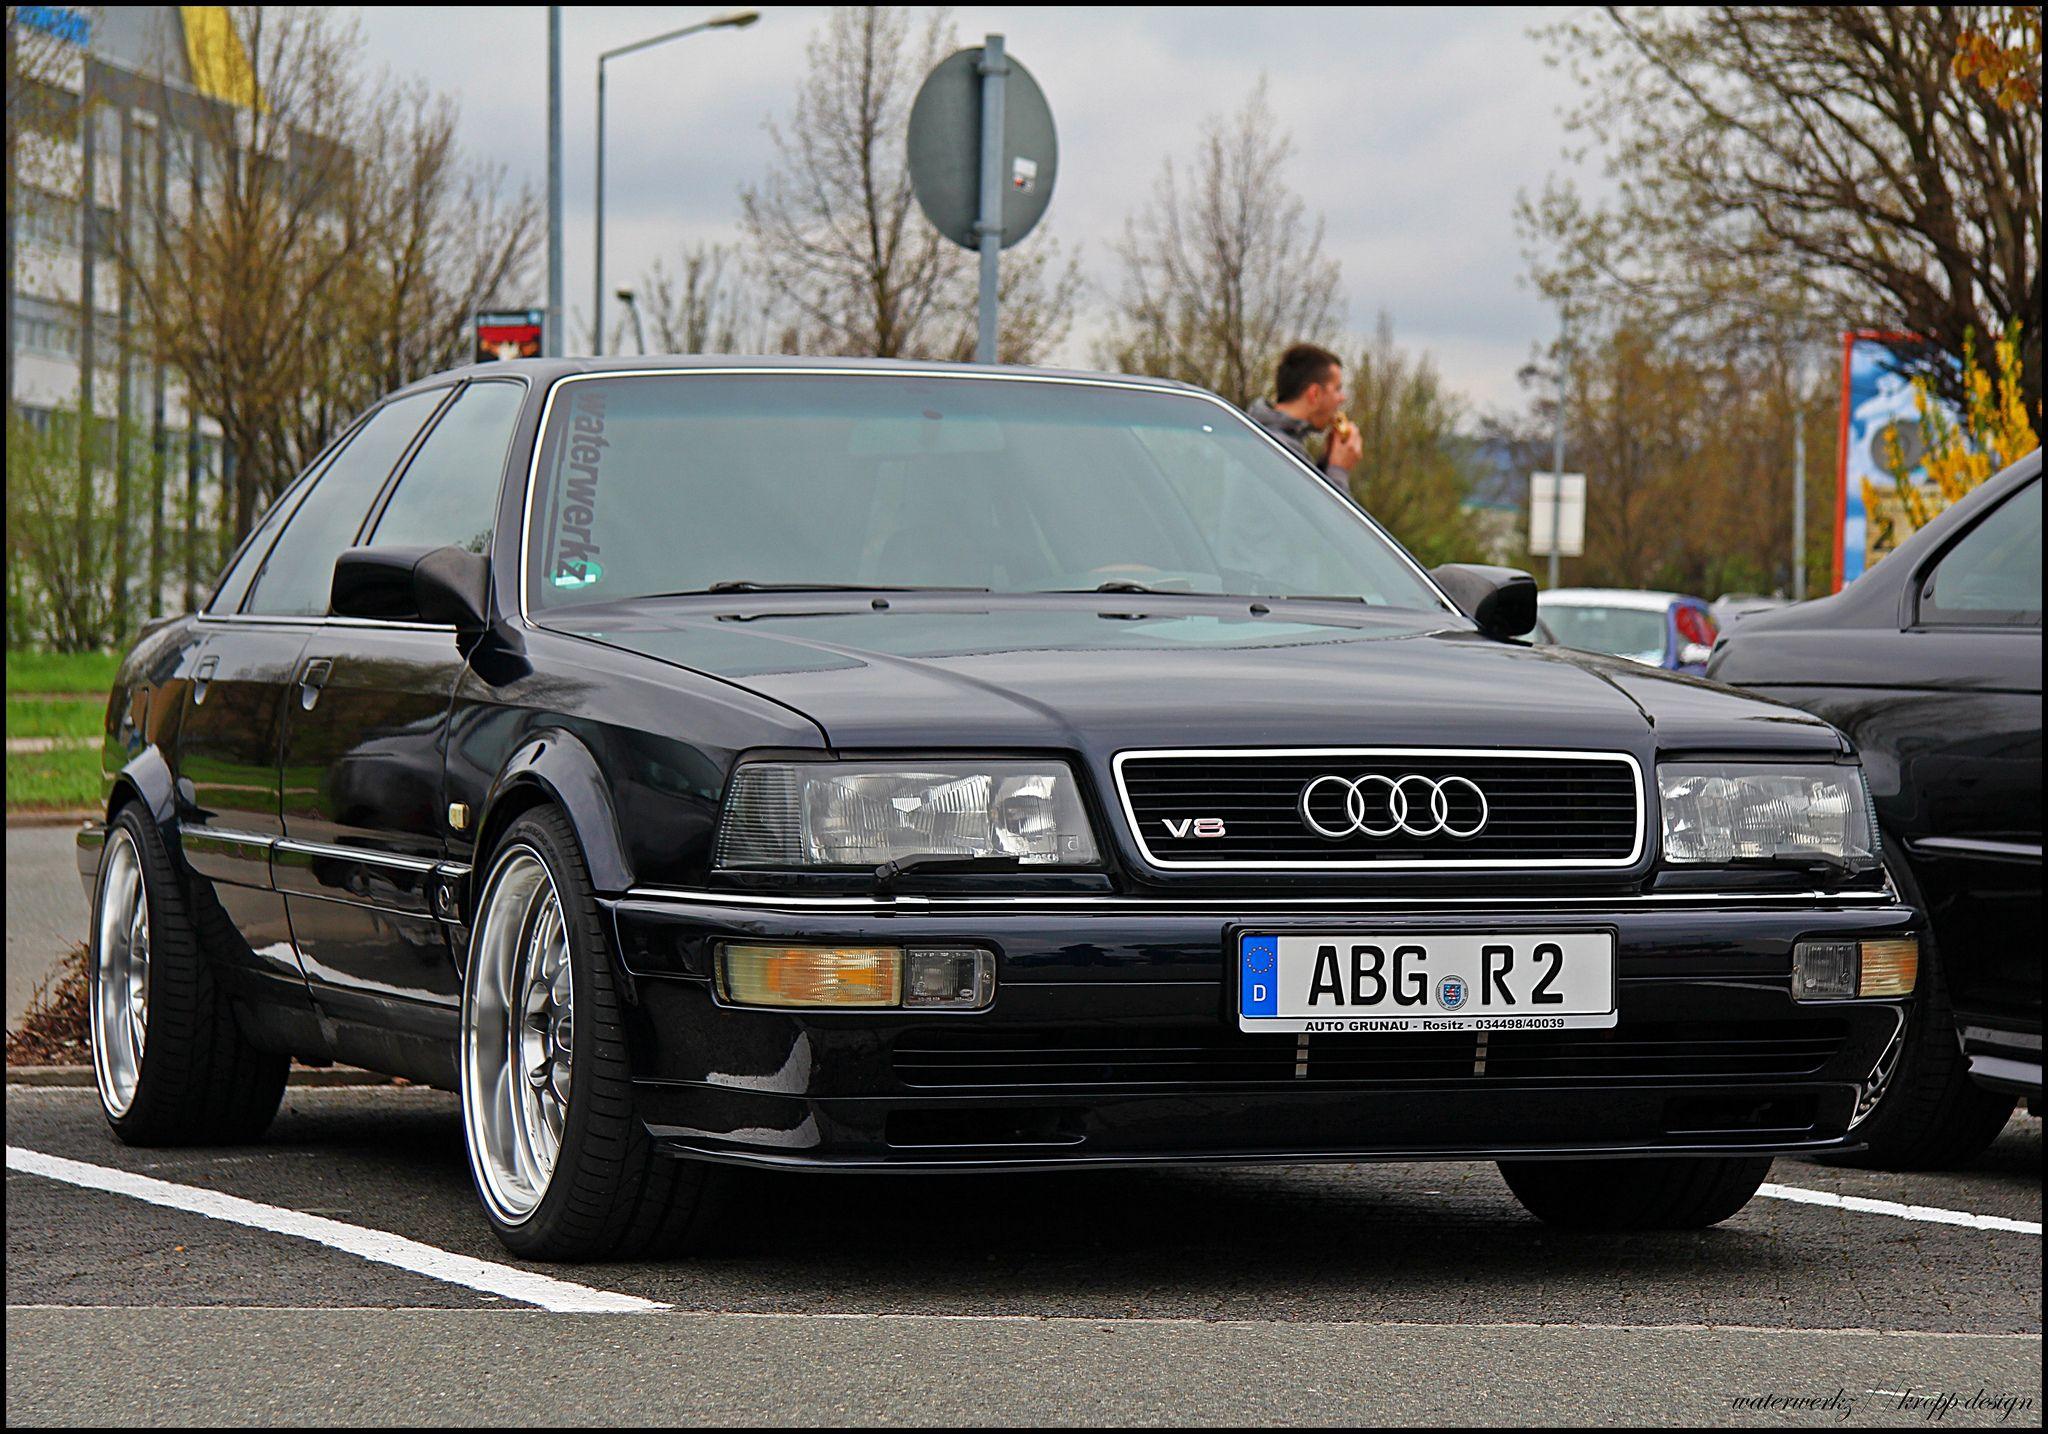 Steve S Audi V8 D11 Audi Cars Audi 200 Audi